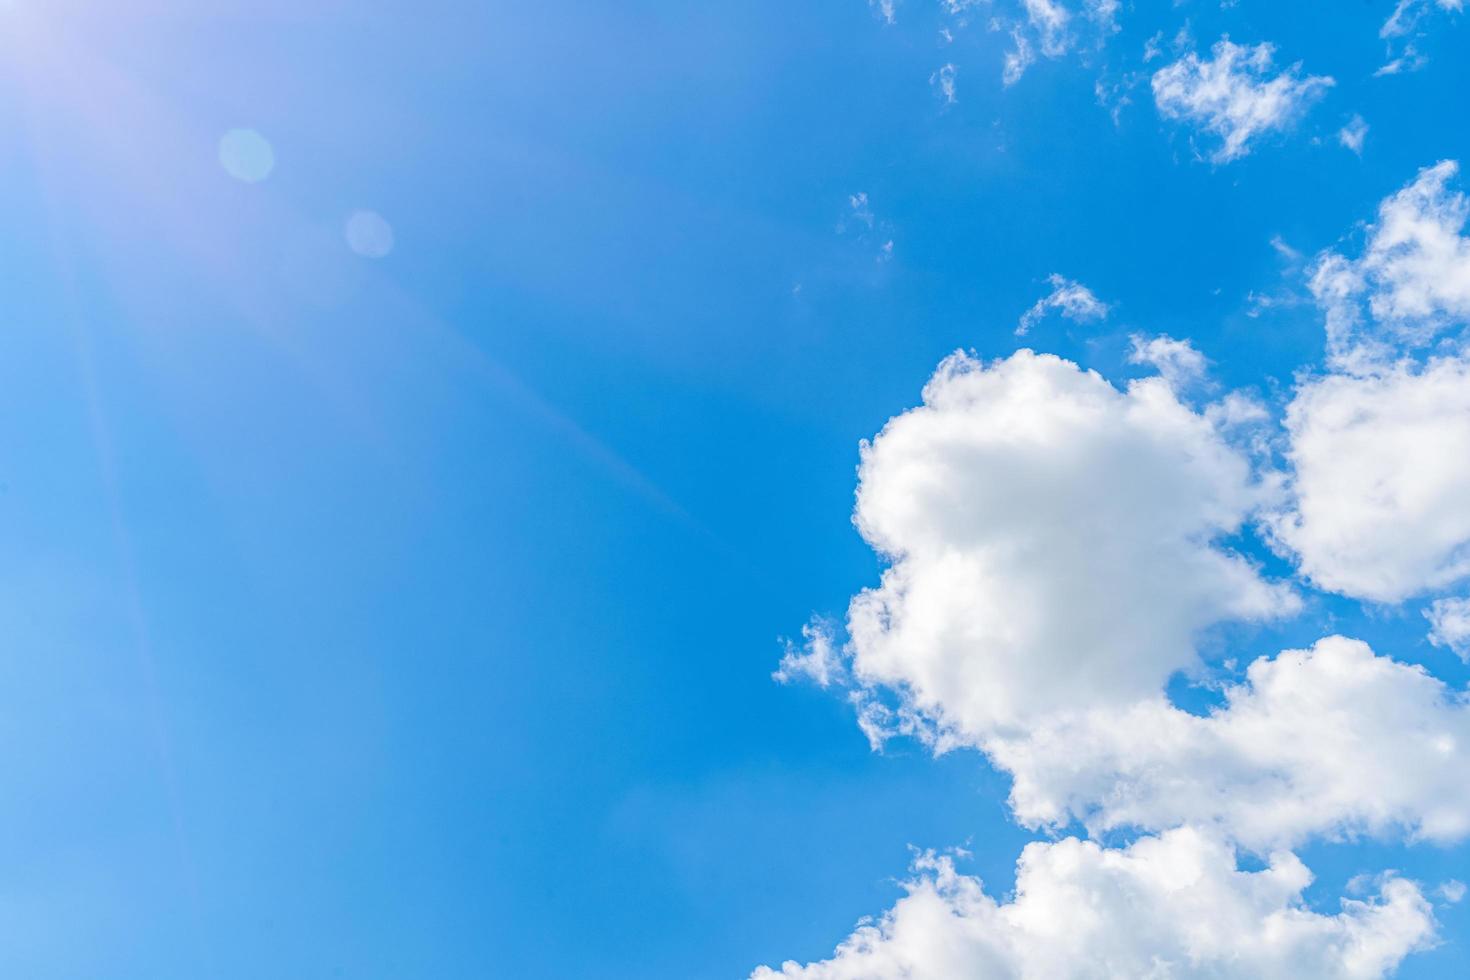 blauer Himmel mit weißen Wolken bei sonnigem Wetter foto